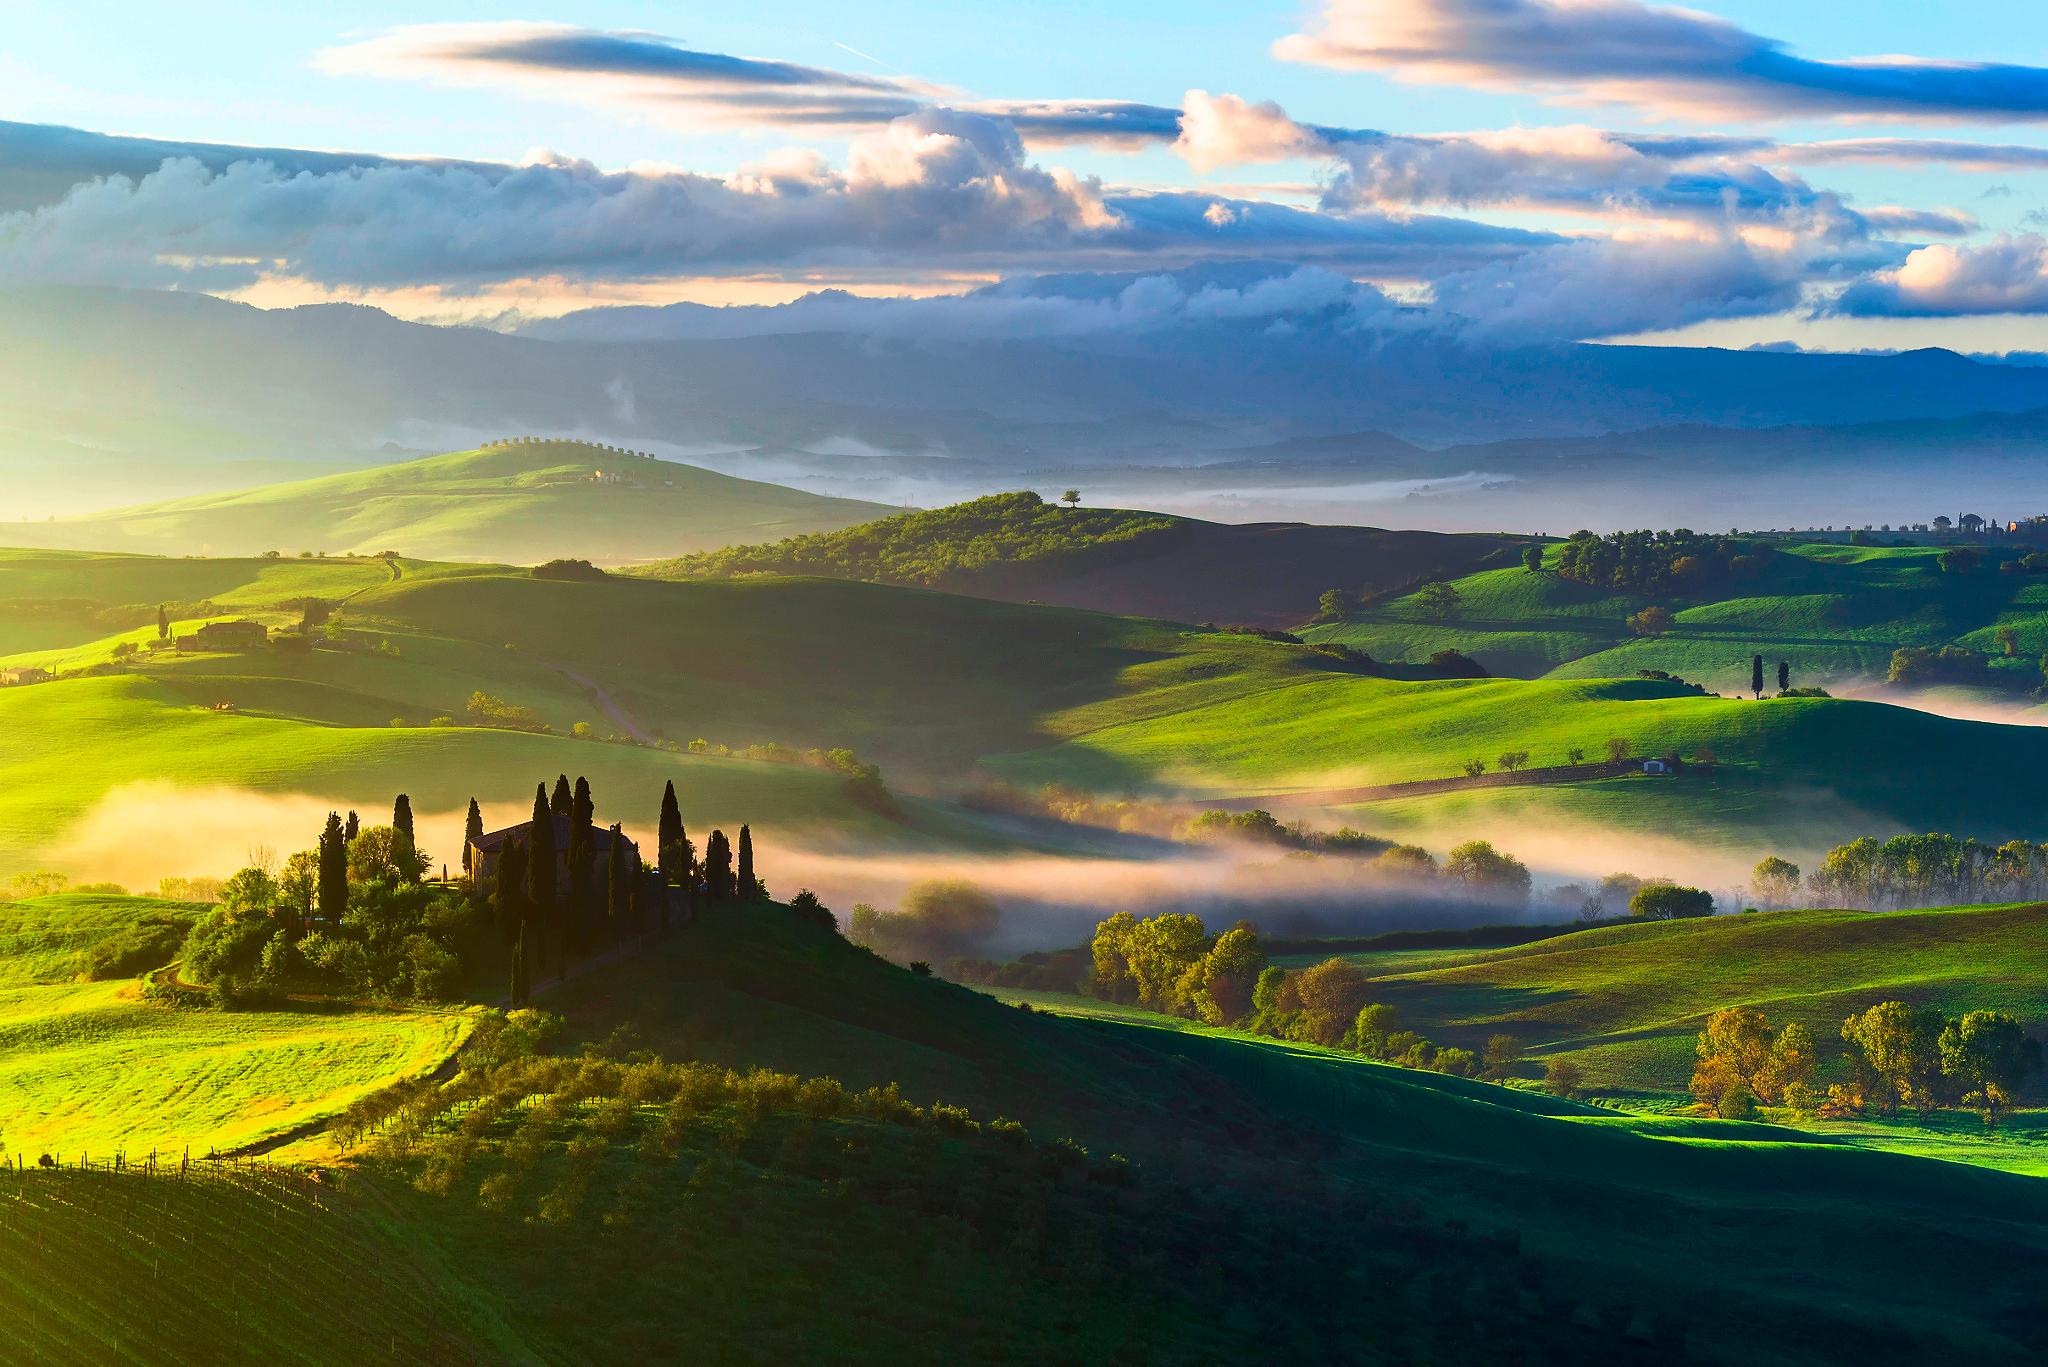 64274 Hintergrundbild herunterladen Natur, Bäume, Felder, Italien, Blick Von Oben, Nebel, Toskana - Bildschirmschoner und Bilder kostenlos